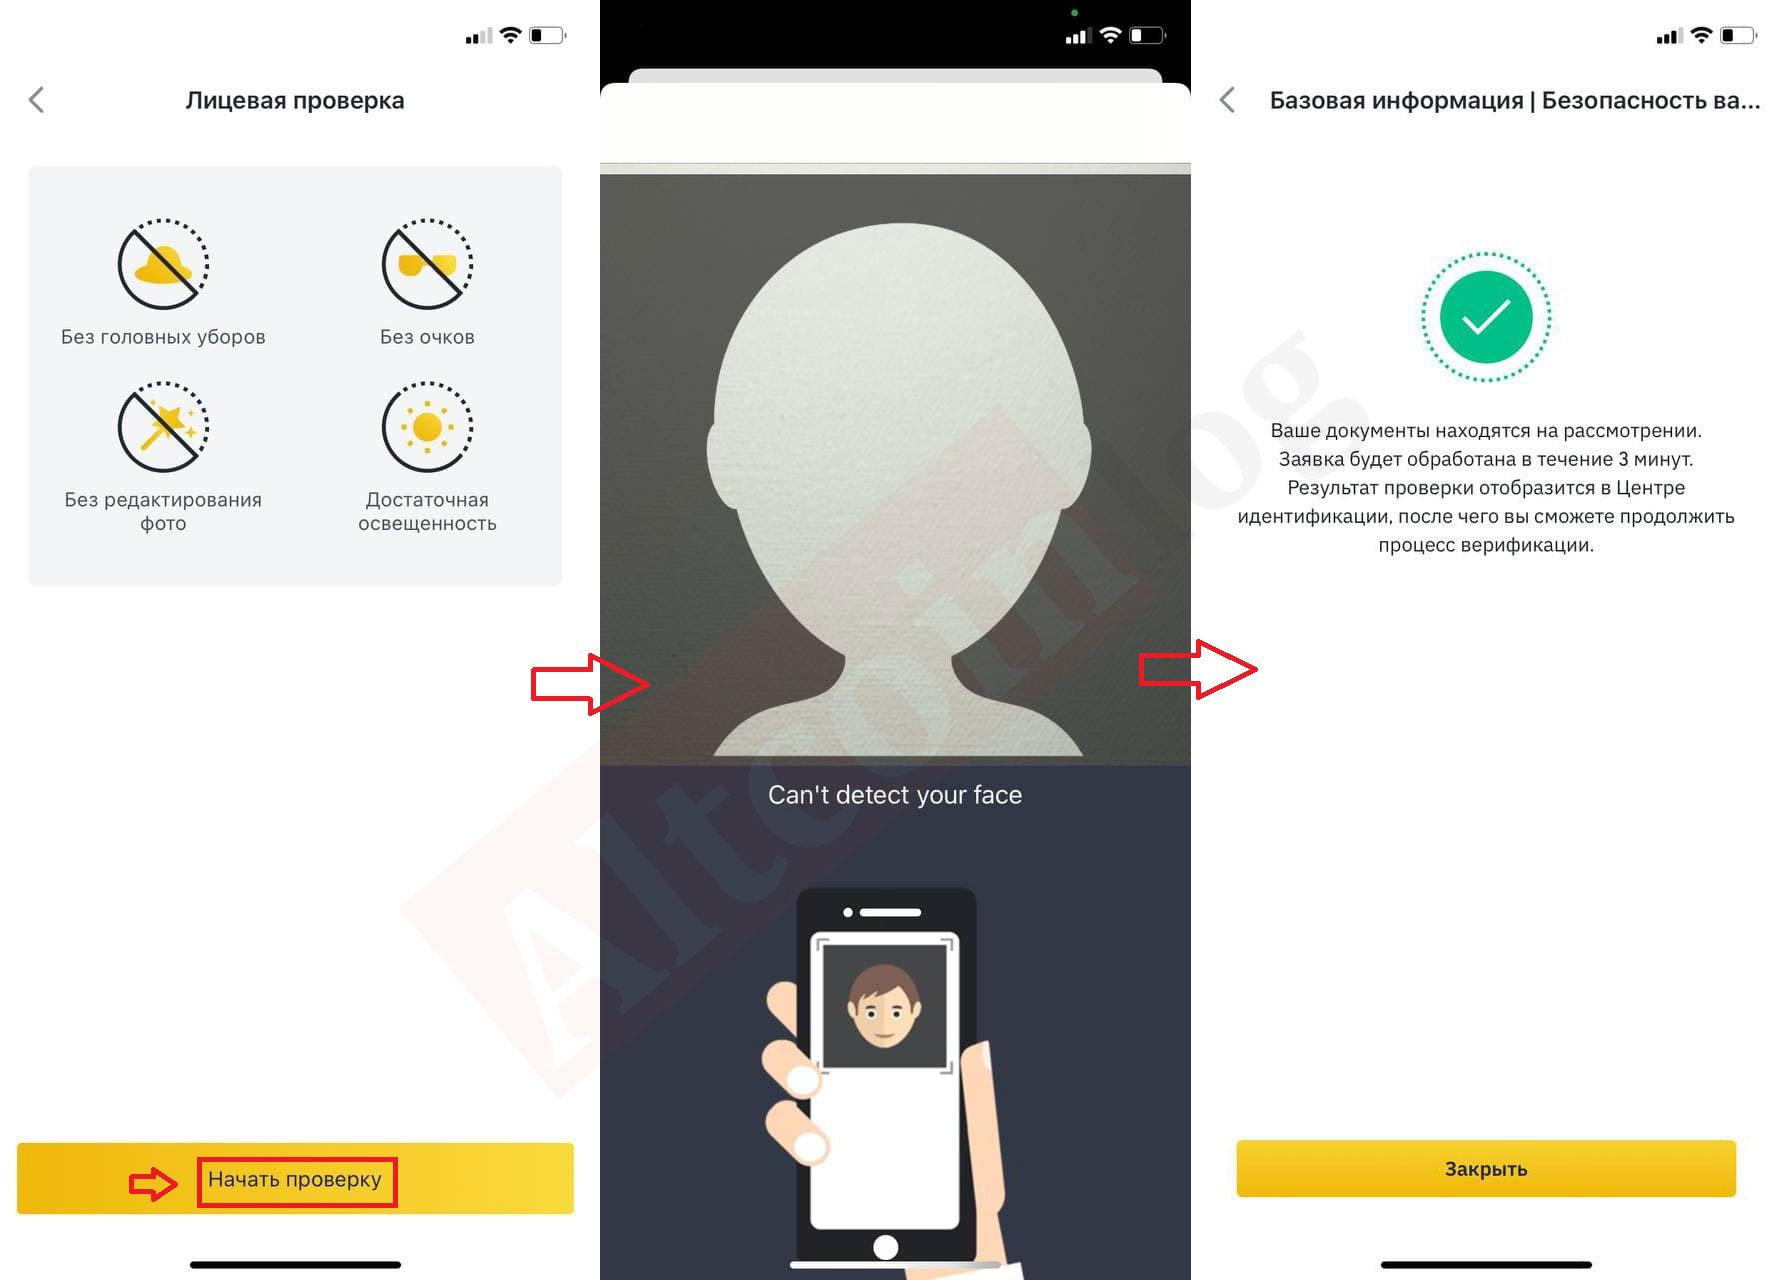 Qr-код для прохождения проверки лица через смартфон